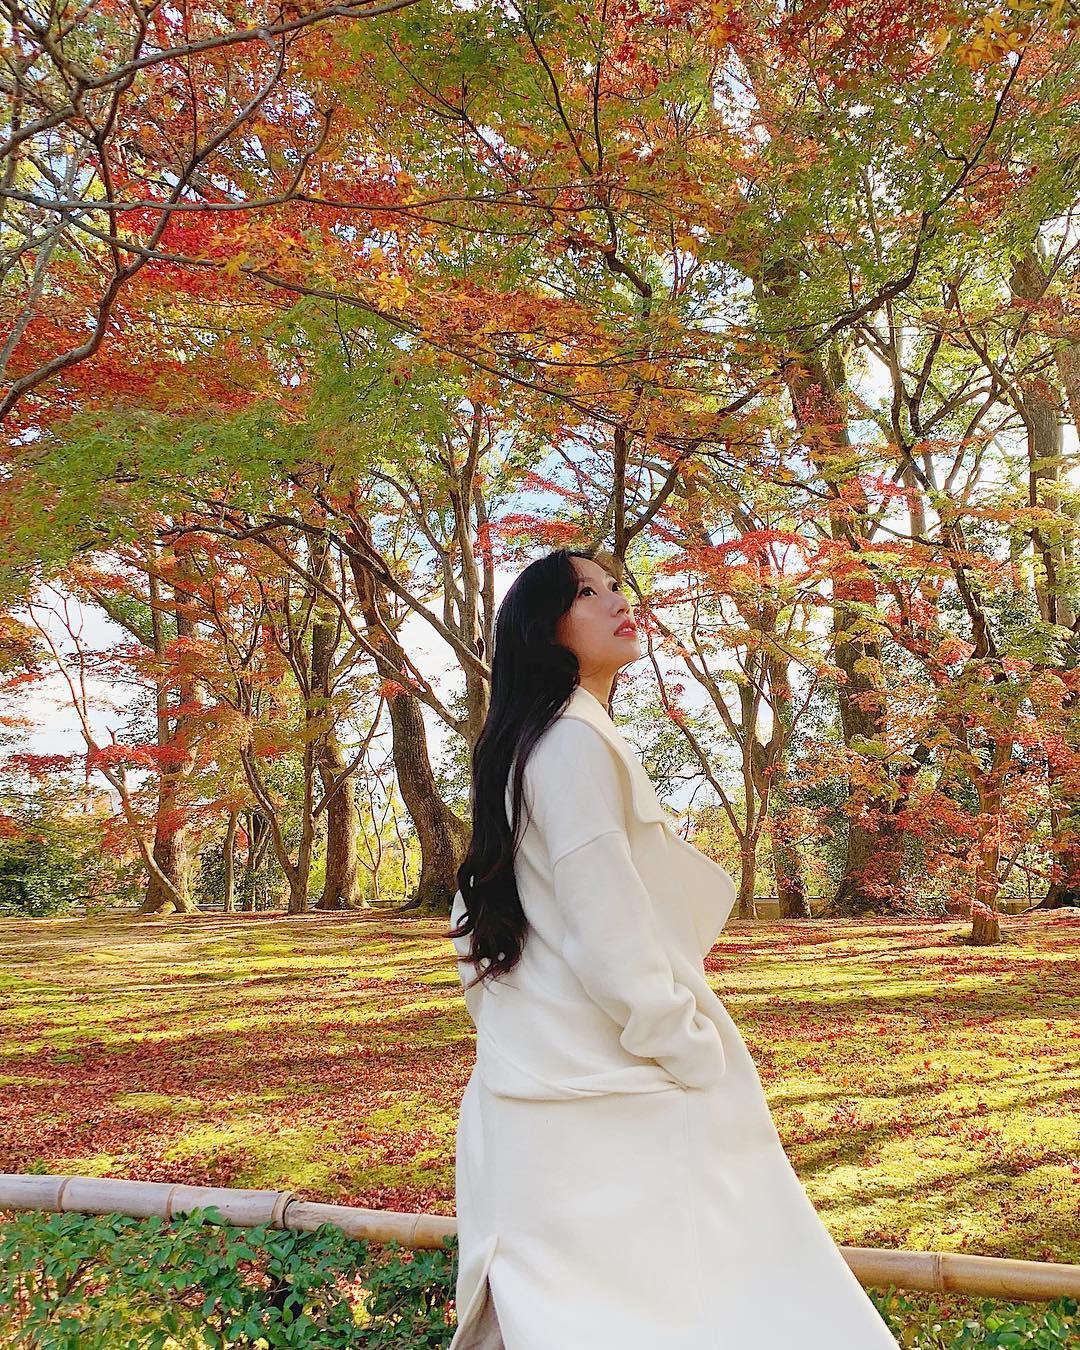 Chẳng hẹn mà gặp, giới trẻ Việt cuối năm nay đang đổ xô sang Nhật Bản đón lạnh hết rồi nè! - Ảnh 3.